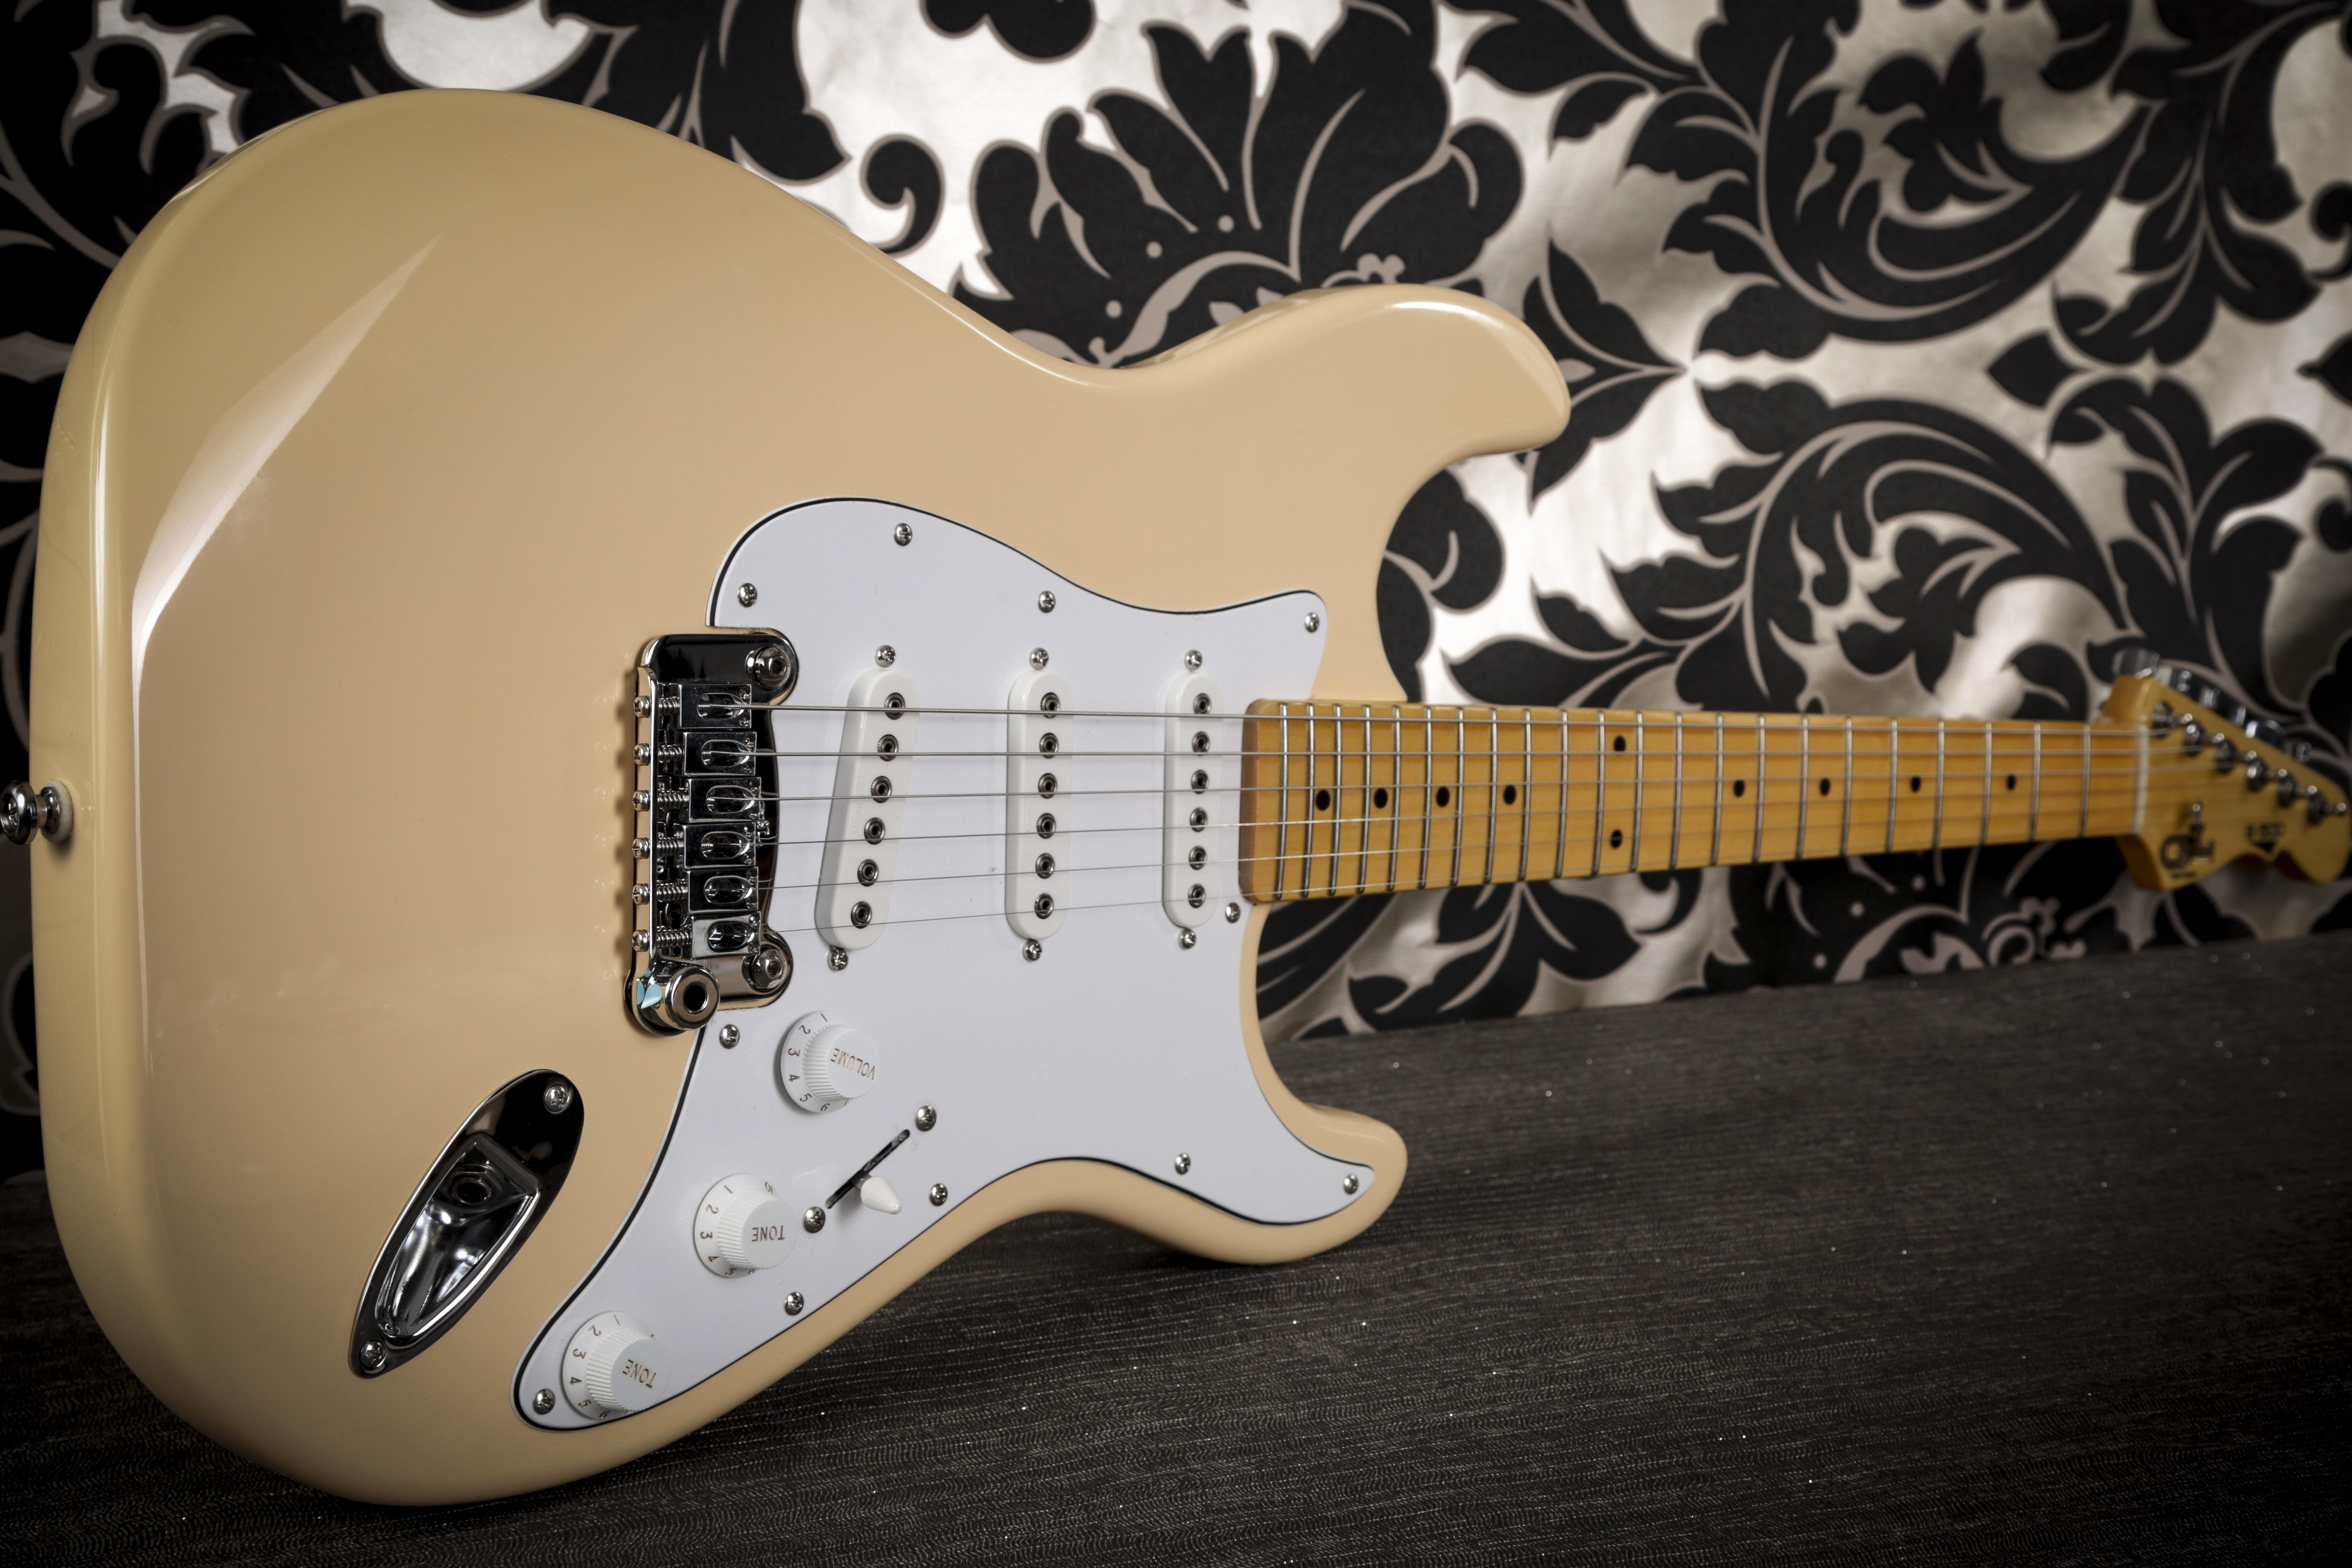 G&L S-500 Guitar